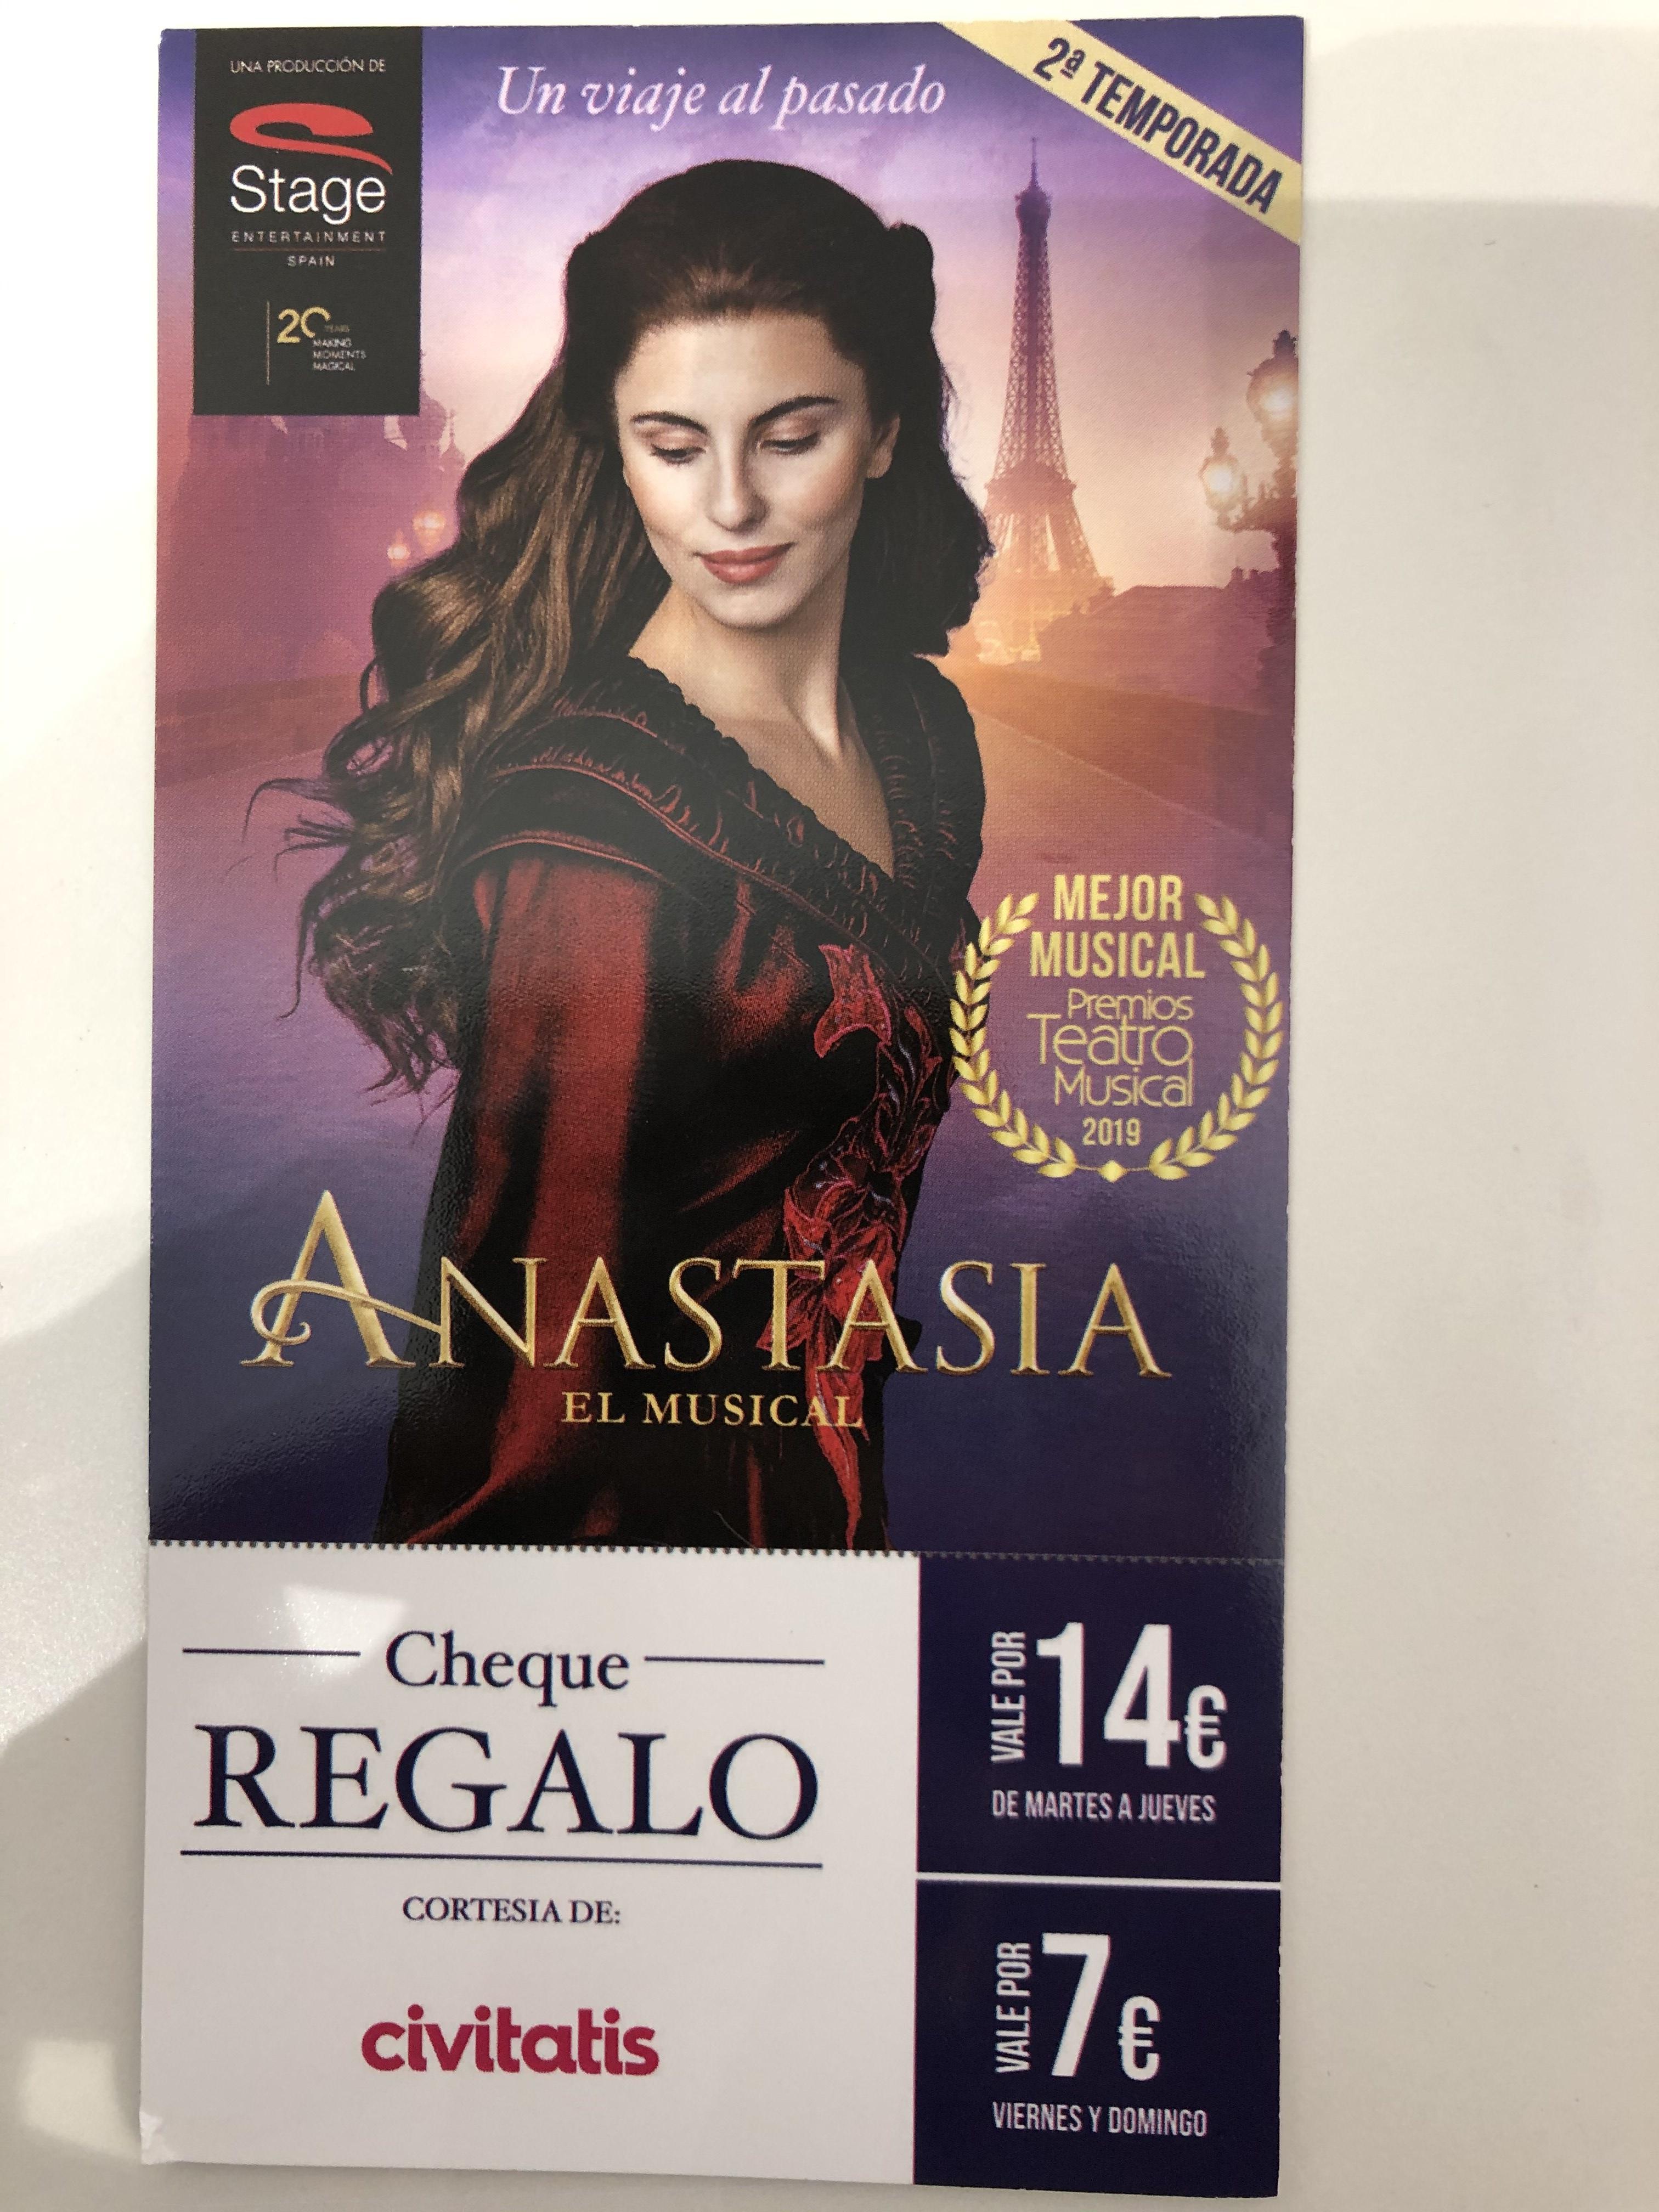 Descuento musical Anastasia.